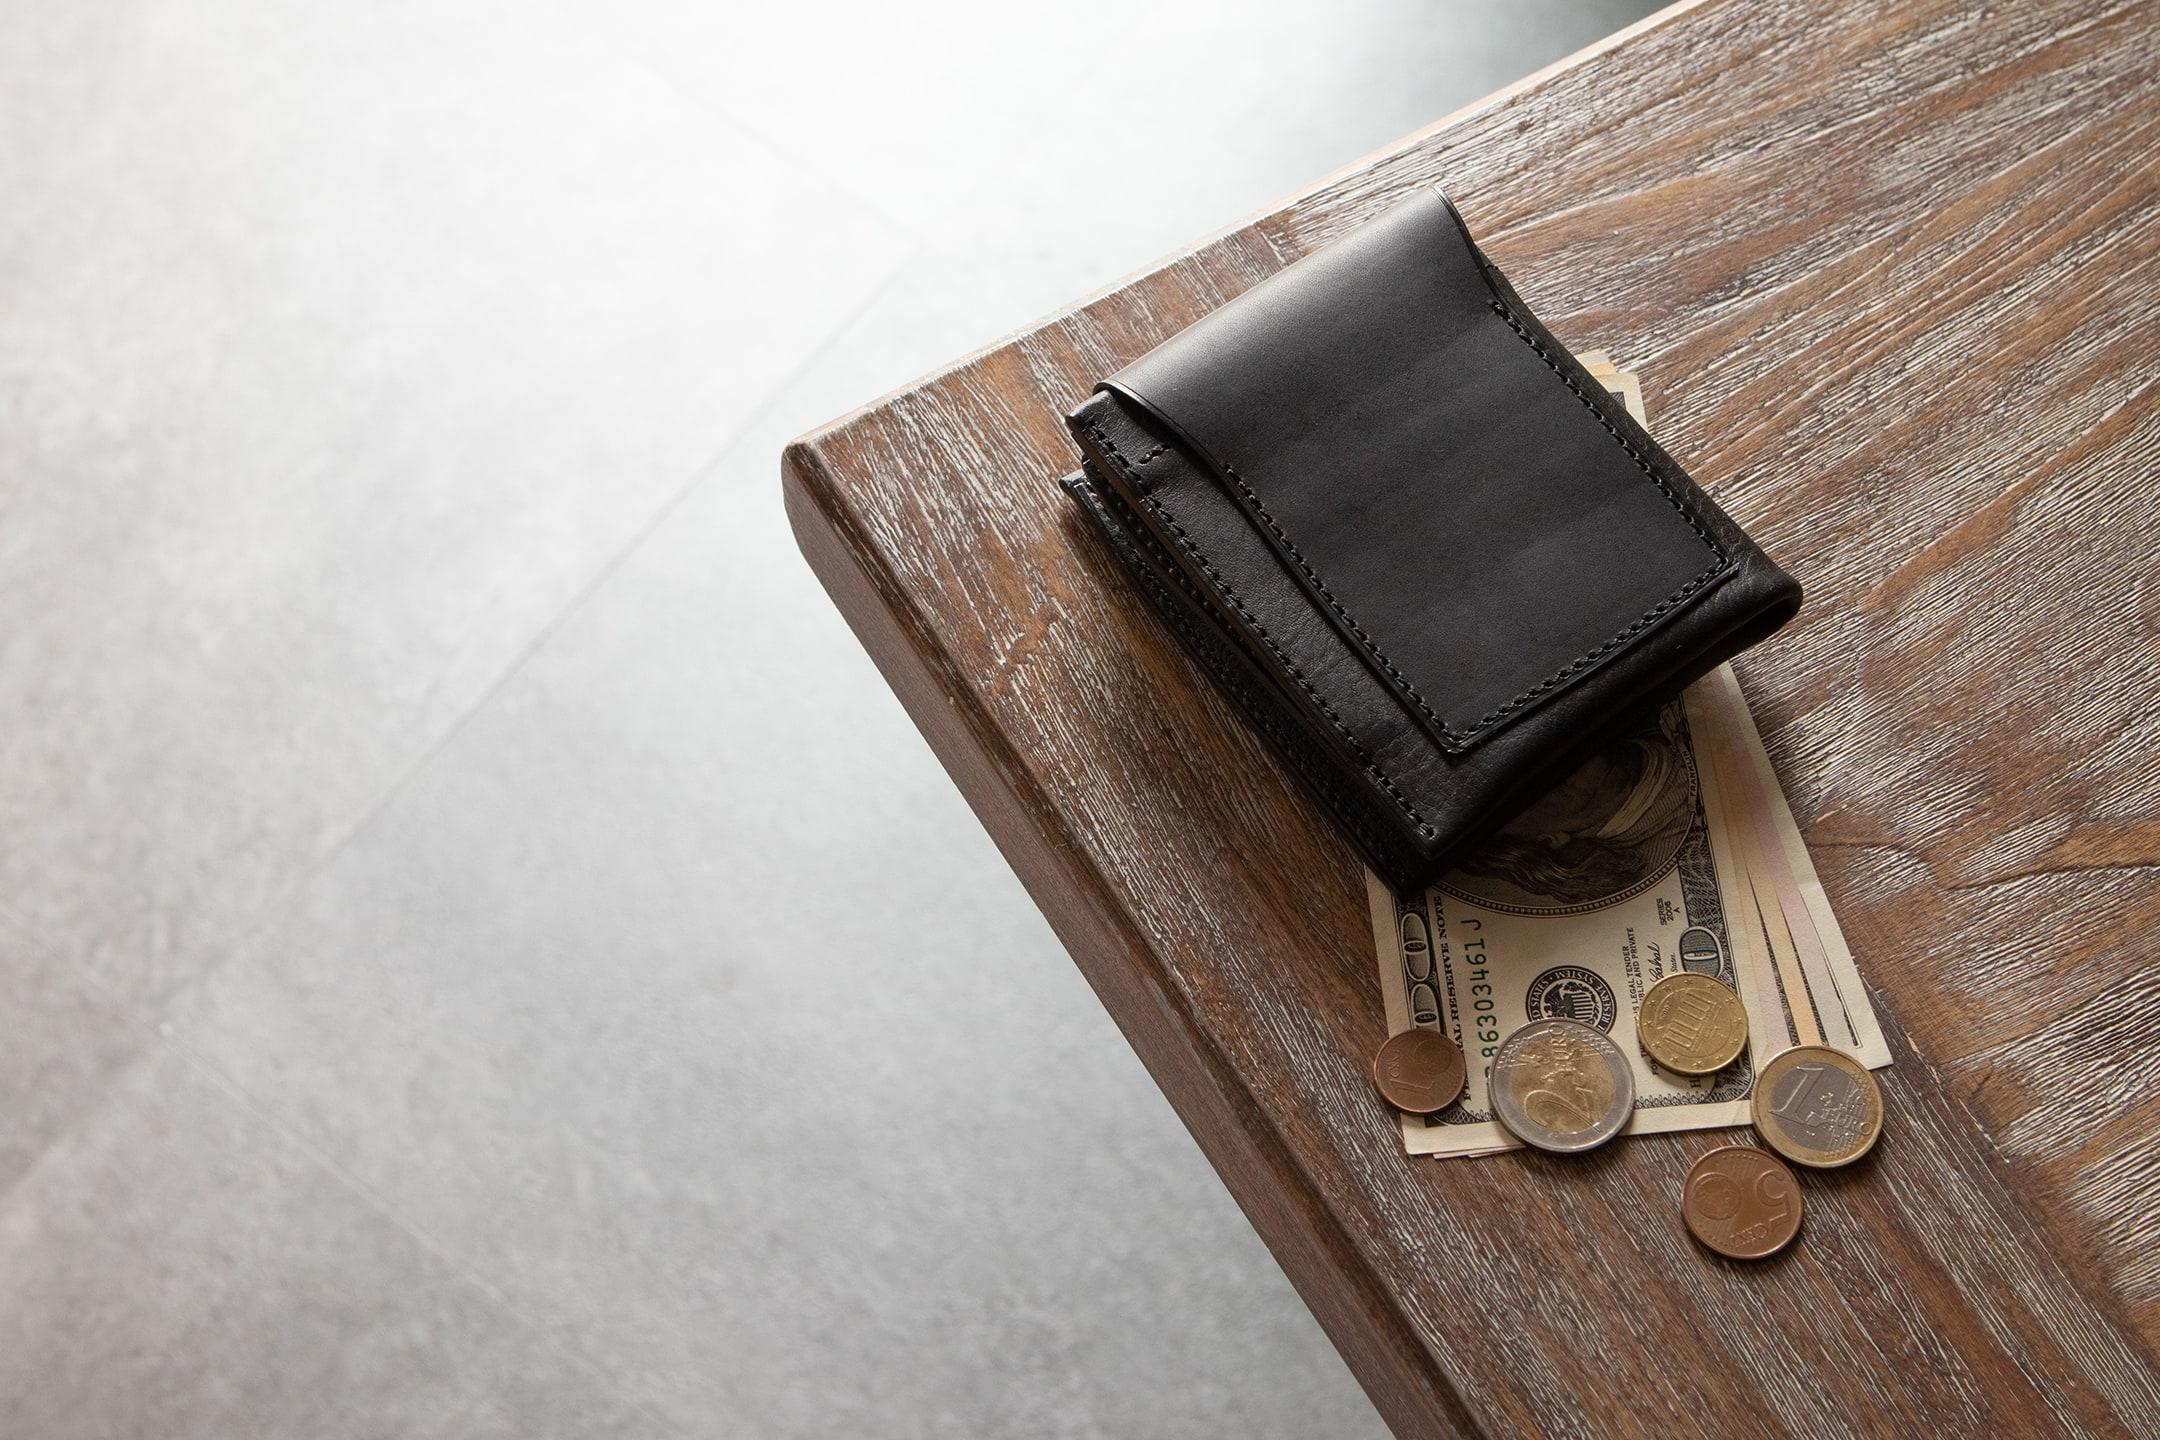 ブッテーロ & ミネルバボックス 二つ折り財布 by m.ripple(エムリップル)